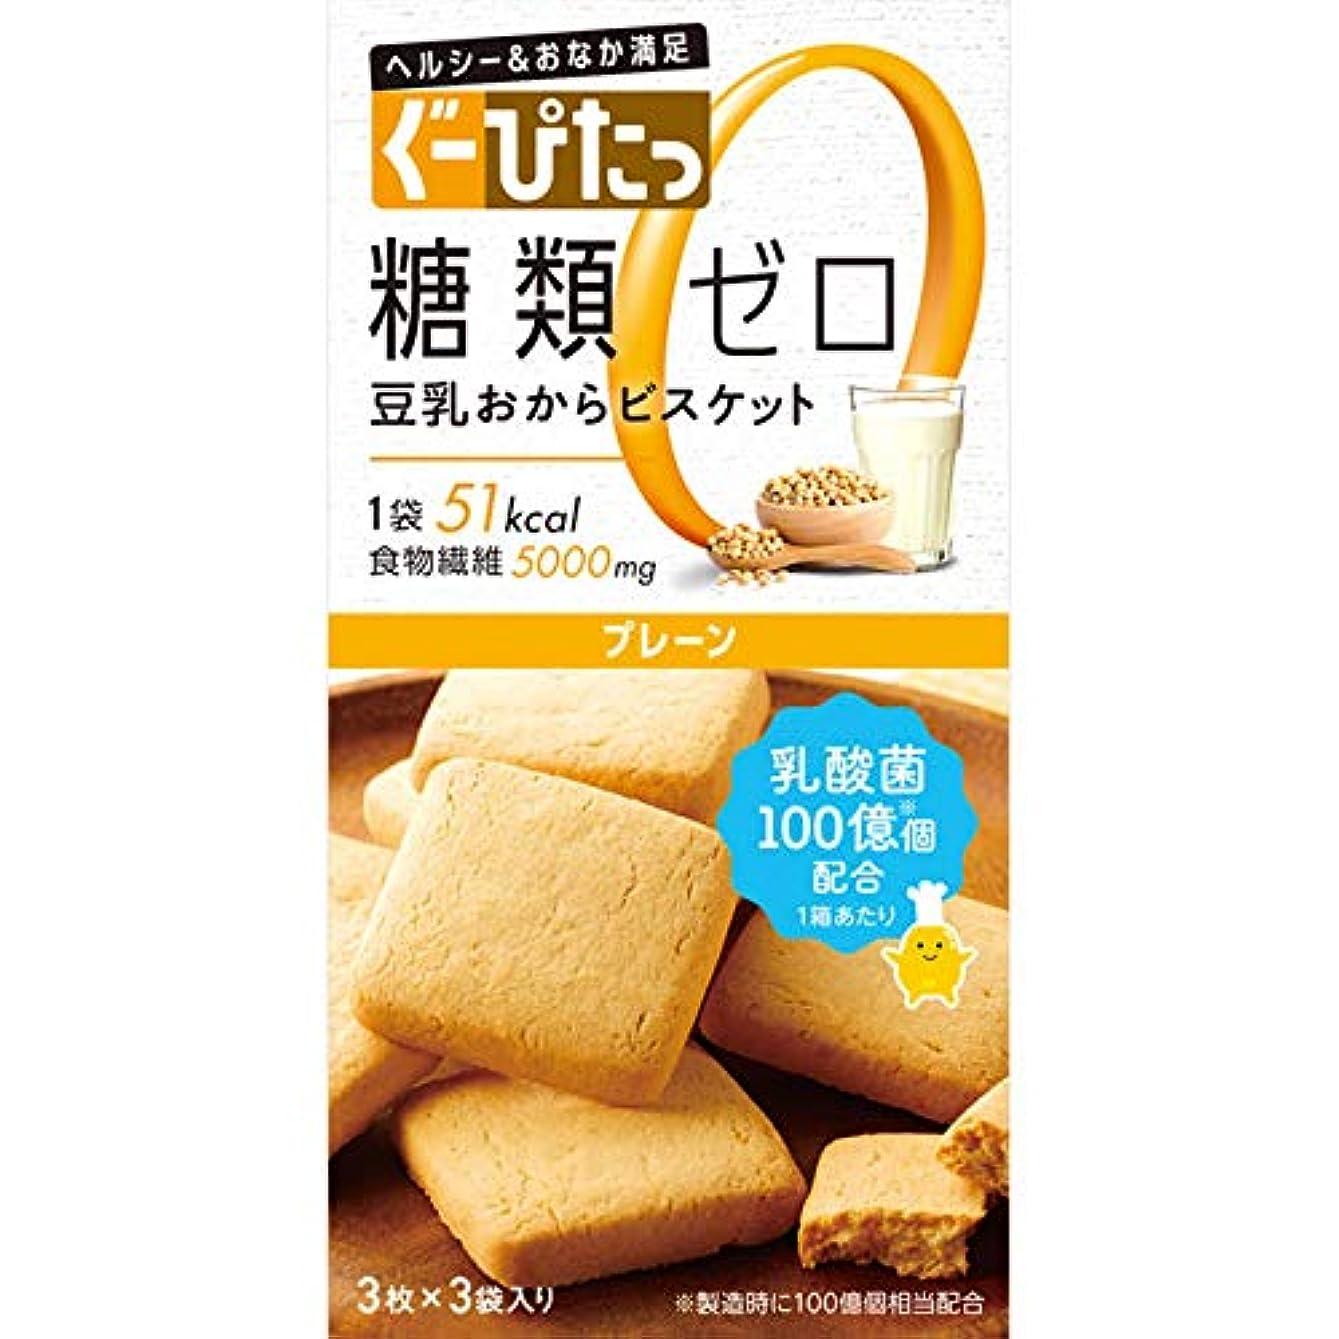 より平らなランプ寺院ナリスアップ ぐーぴたっ 豆乳おからビスケット プレーン (3枚×3袋) ダイエット食品